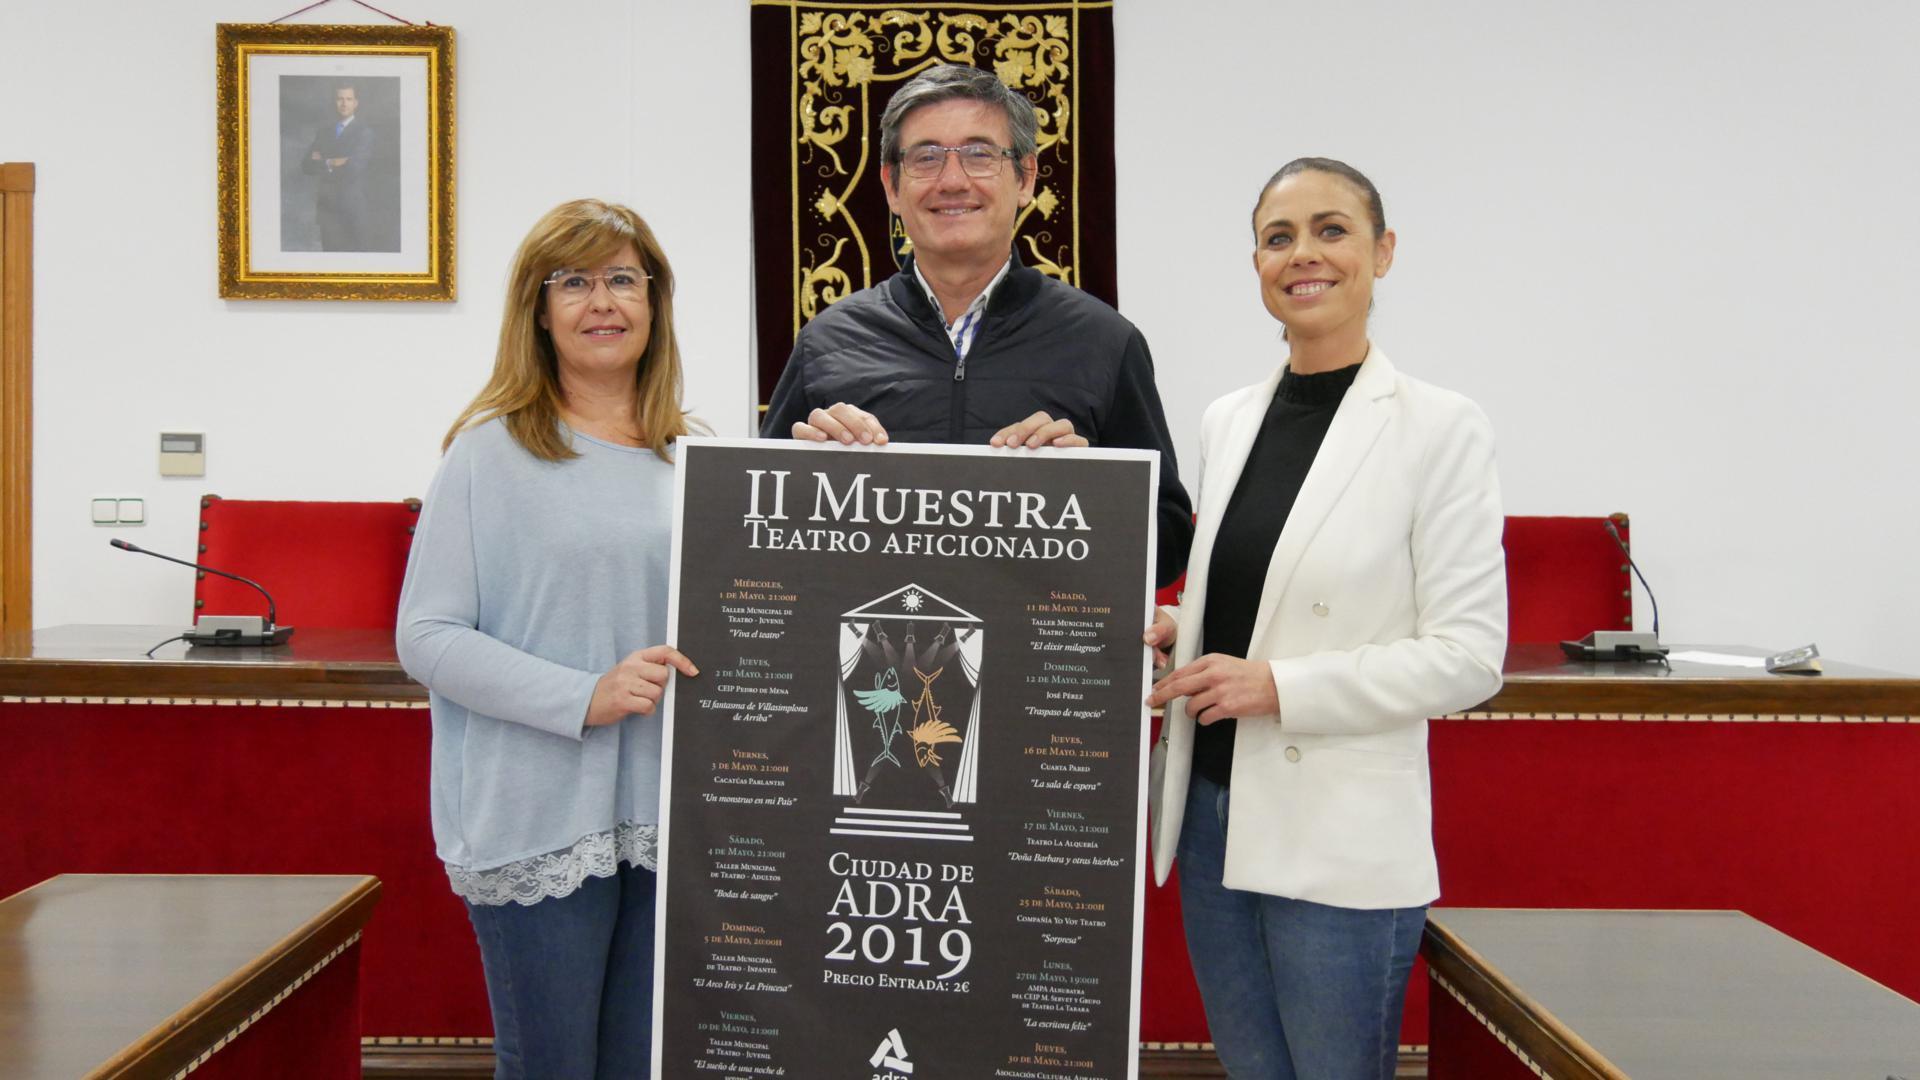 En mayo comienza la II Muestra de Teatro Aficionado Ciudad de Adra